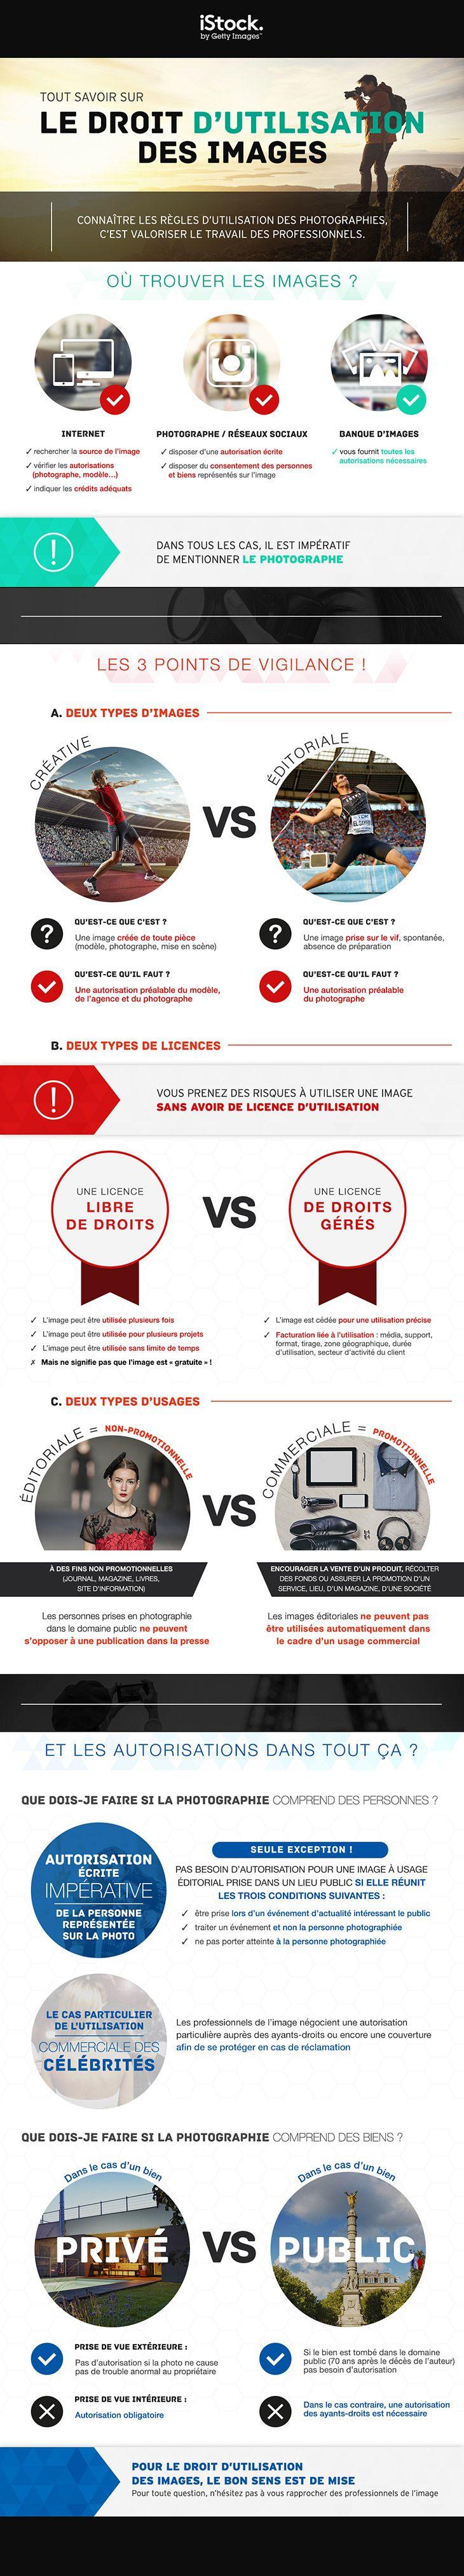 Excellente #infographie pour clarifier les droits sur les #photos